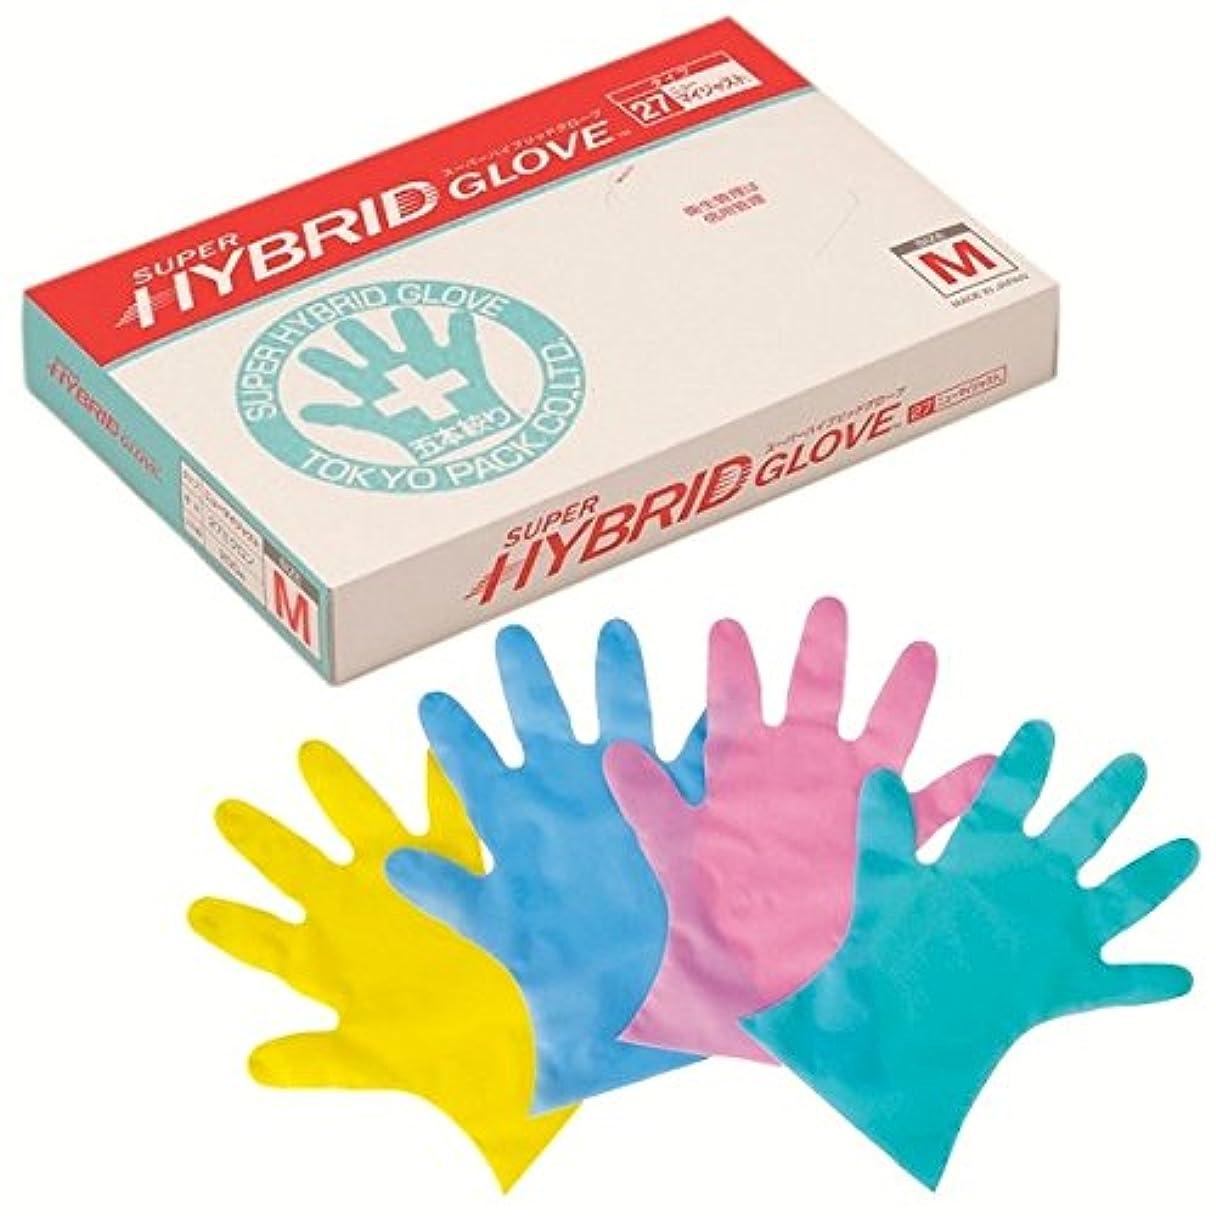 無限効率温帯東京パック エンボス手袋 スーパーハイブリッドグローブ ニューマイジャスト グリーン L 200枚